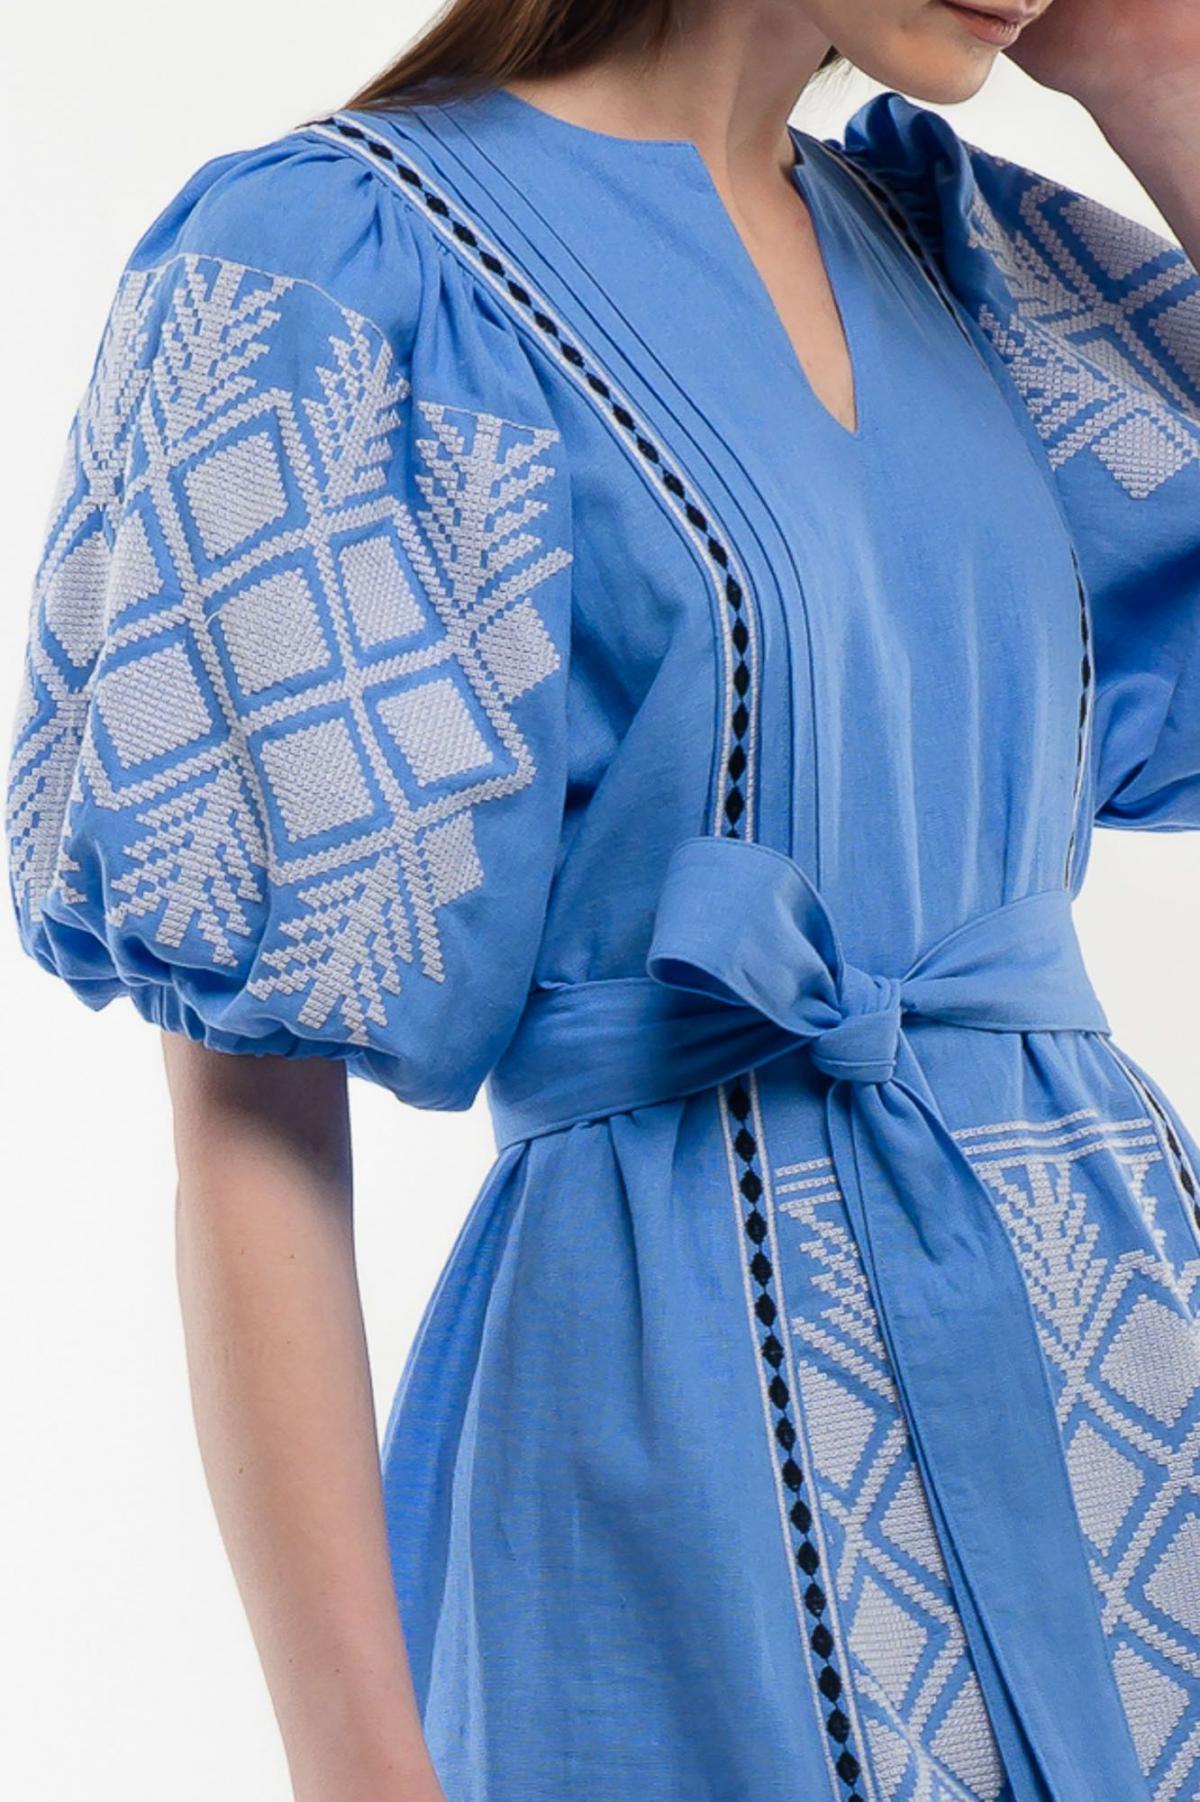 Платье вышиванка Милося голубое. Фото №3. | Народный дом Украина